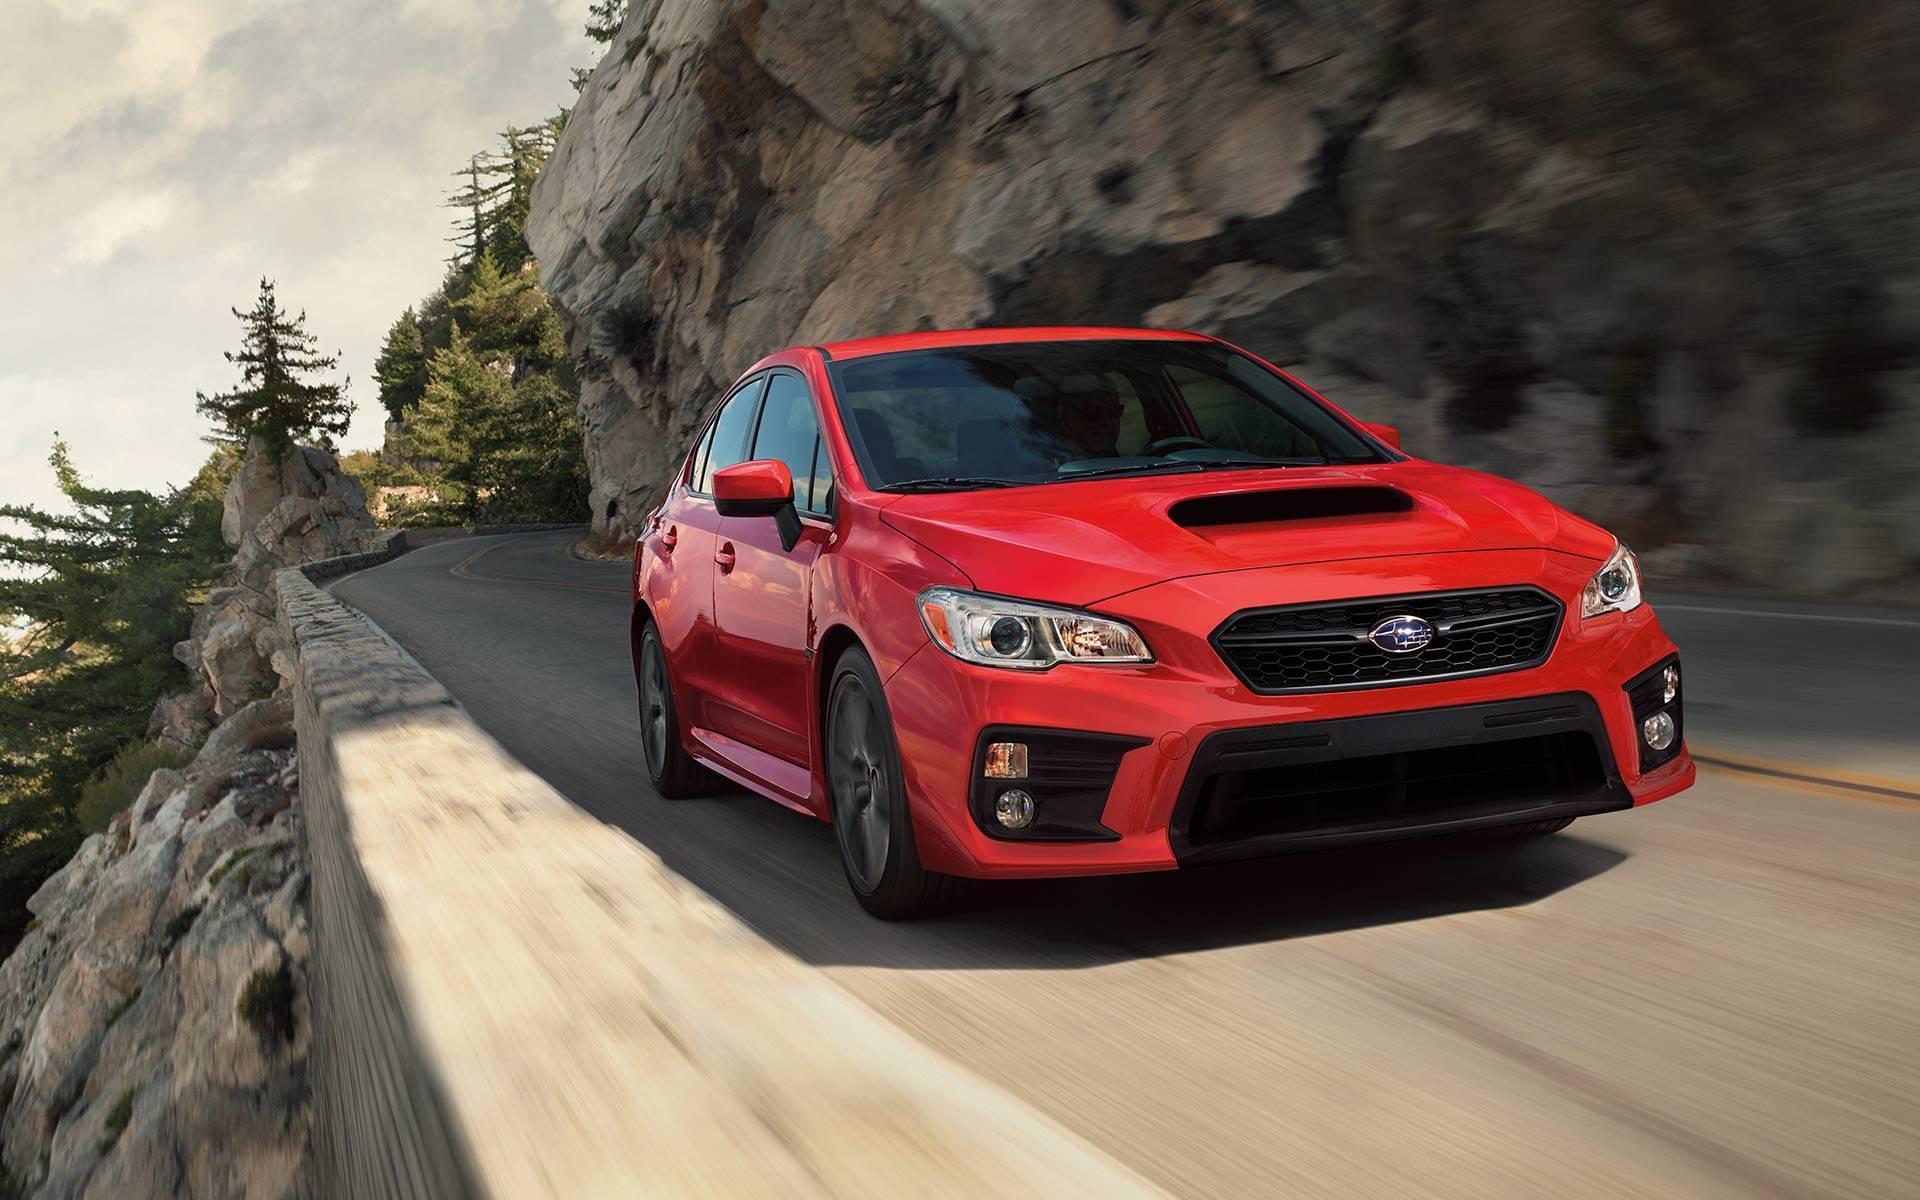 Subaru призналась в фальсификации расхода топлива у 903 машин